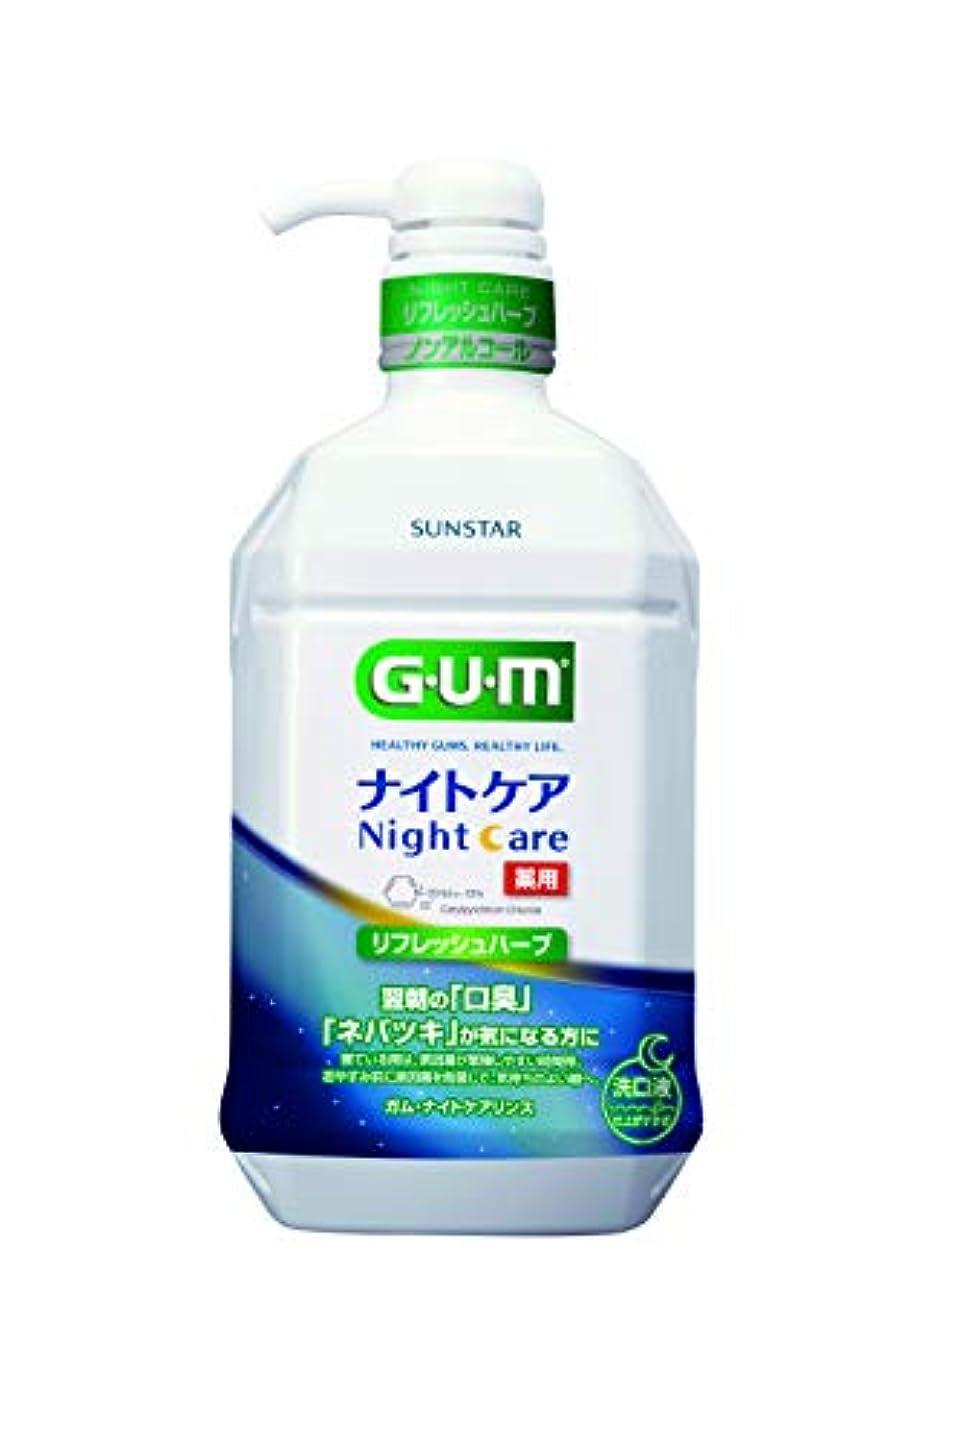 ウールタンク事実上(医薬部外品) GUM(ガム) マウスウォッシュ ナイトケア 薬用洗口液(リフレッシュハーブタイプ)900mL